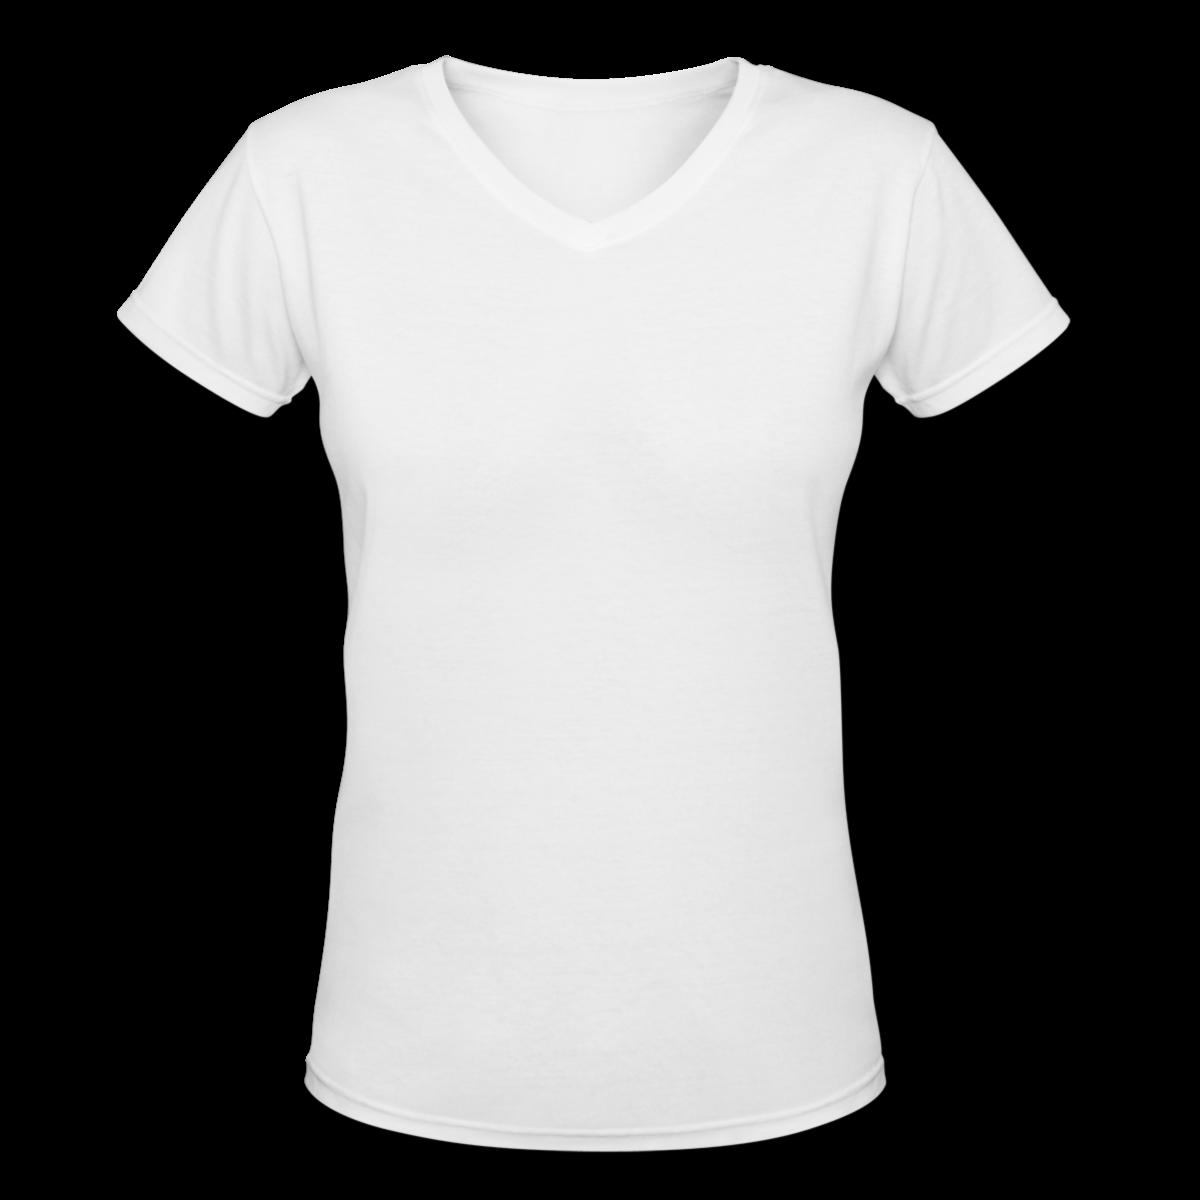 Blank t transparent png. Clipart shirt green shirt